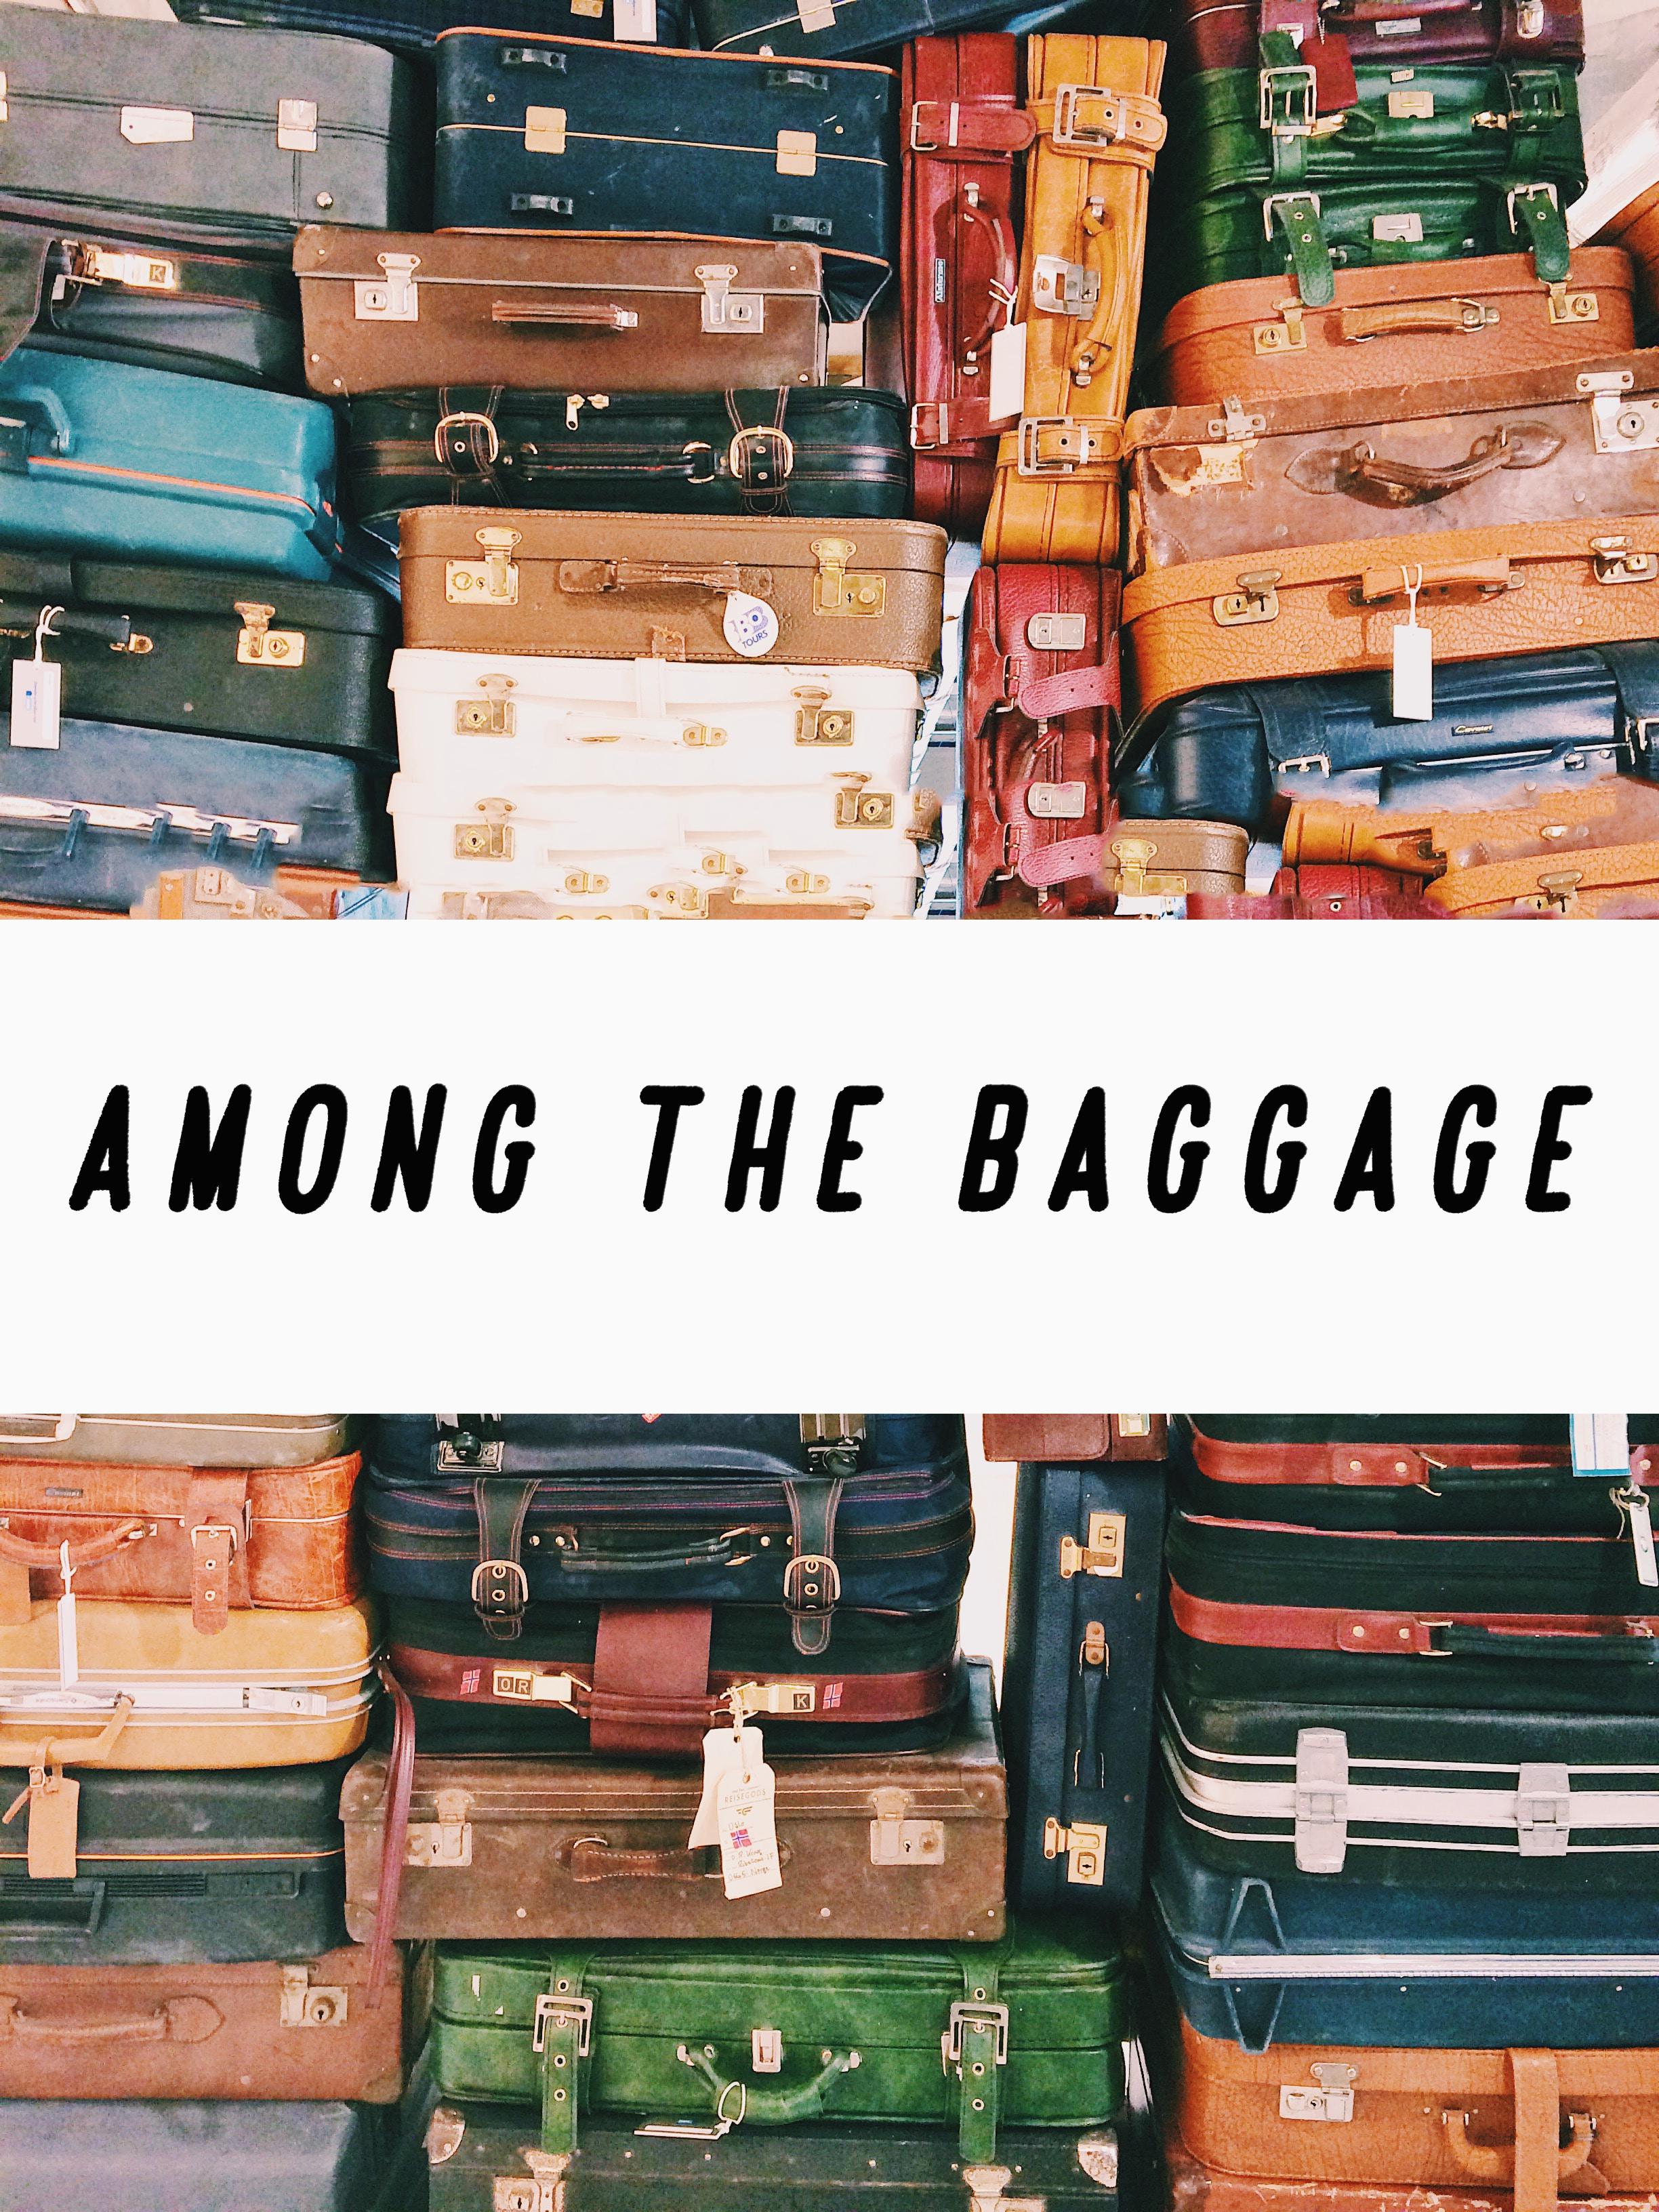 Amongthebaggage.jpg